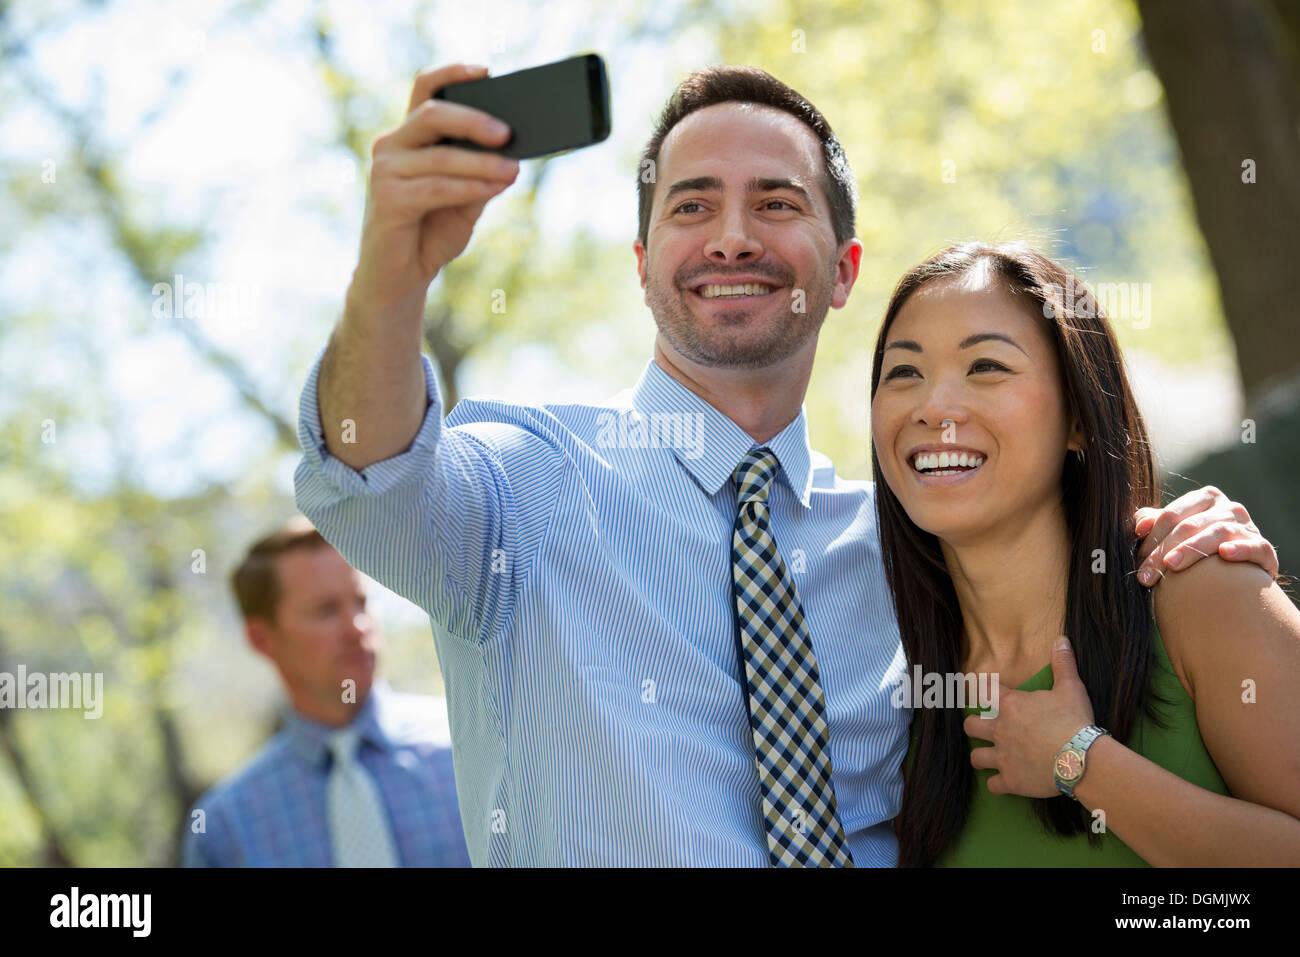 Un couple avec un téléphone intelligent, côte à côte. Un homme dans l'arrière-plan. Photo Stock